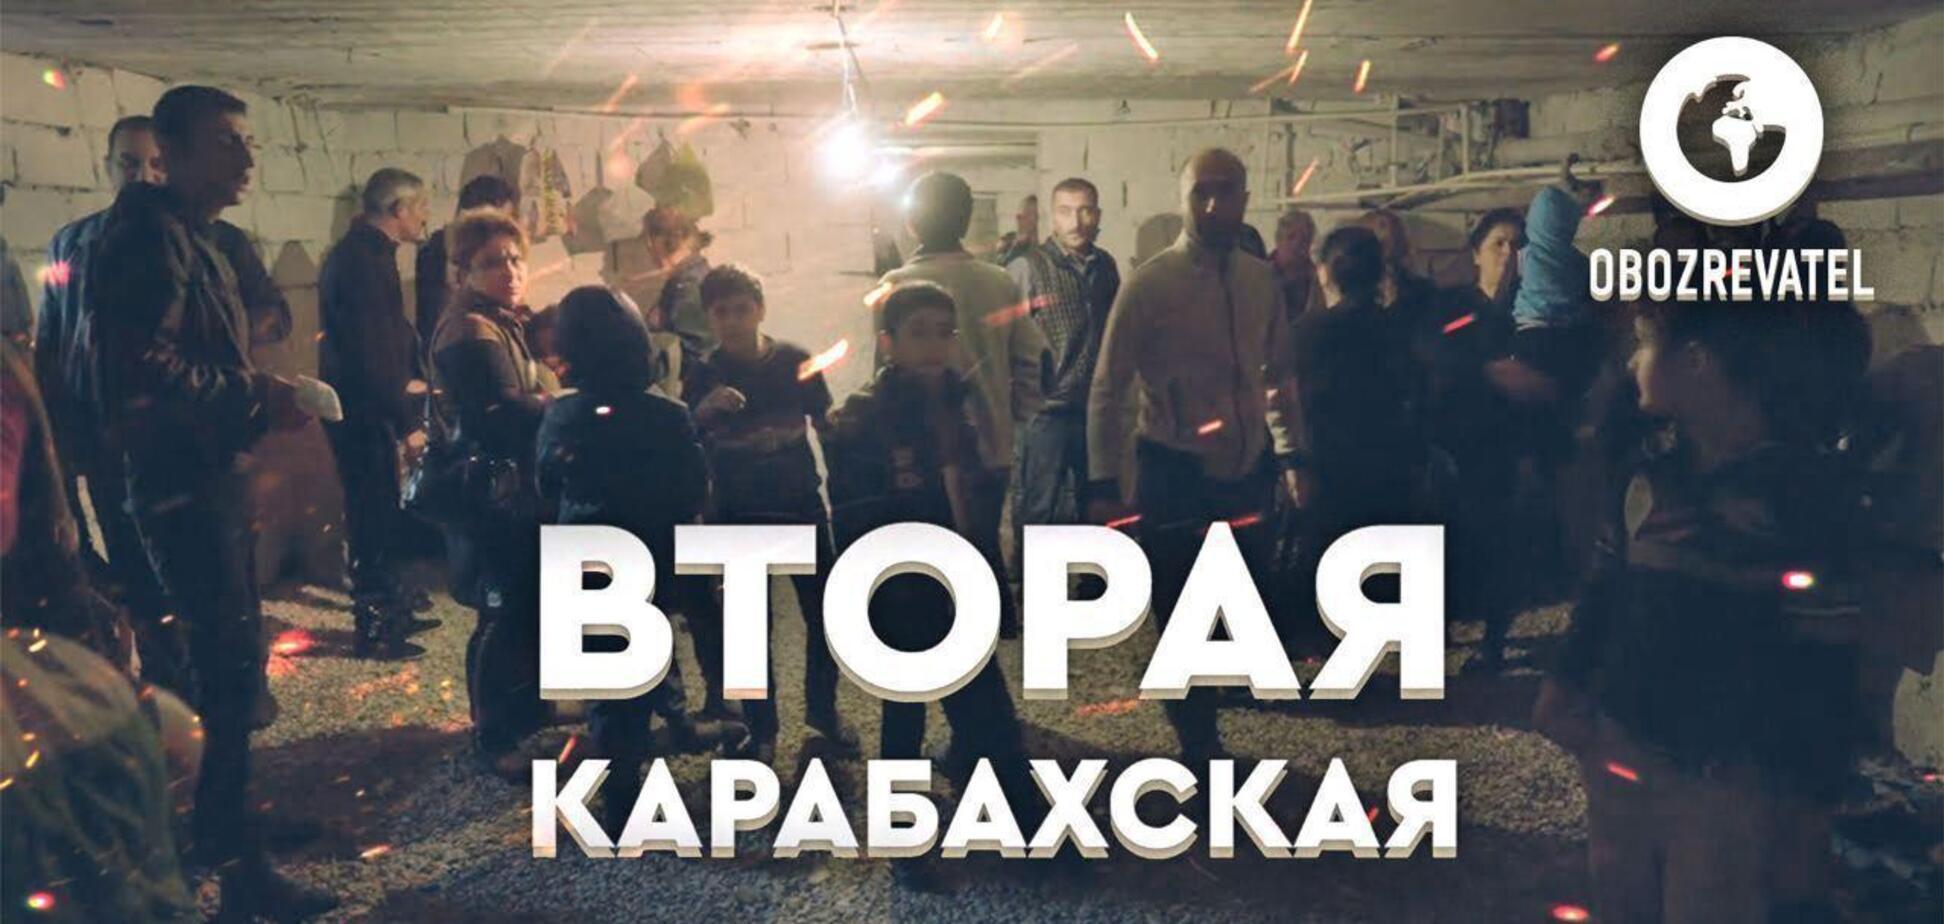 Обстріли мирних жителів і російське втручання: ексклюзивний фільм про війну за Нагірний Карабах